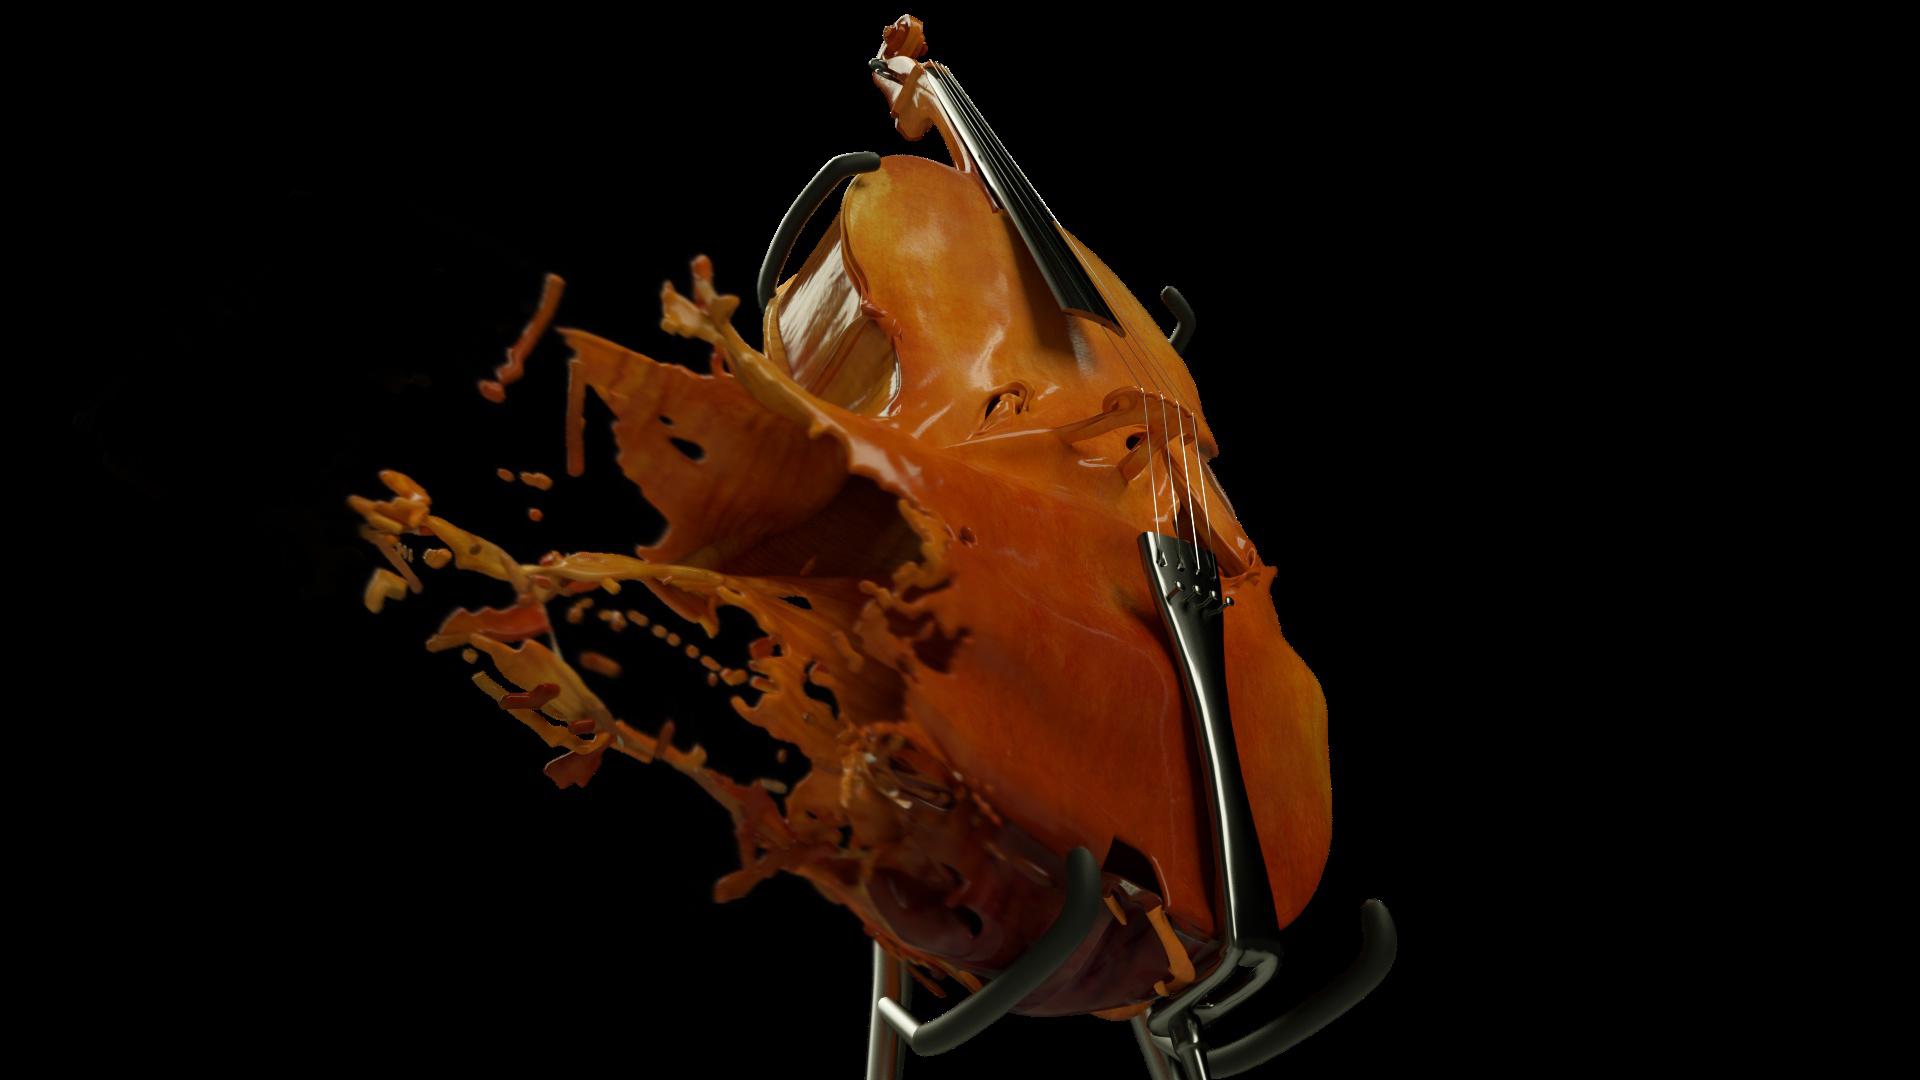 cello_03_ps